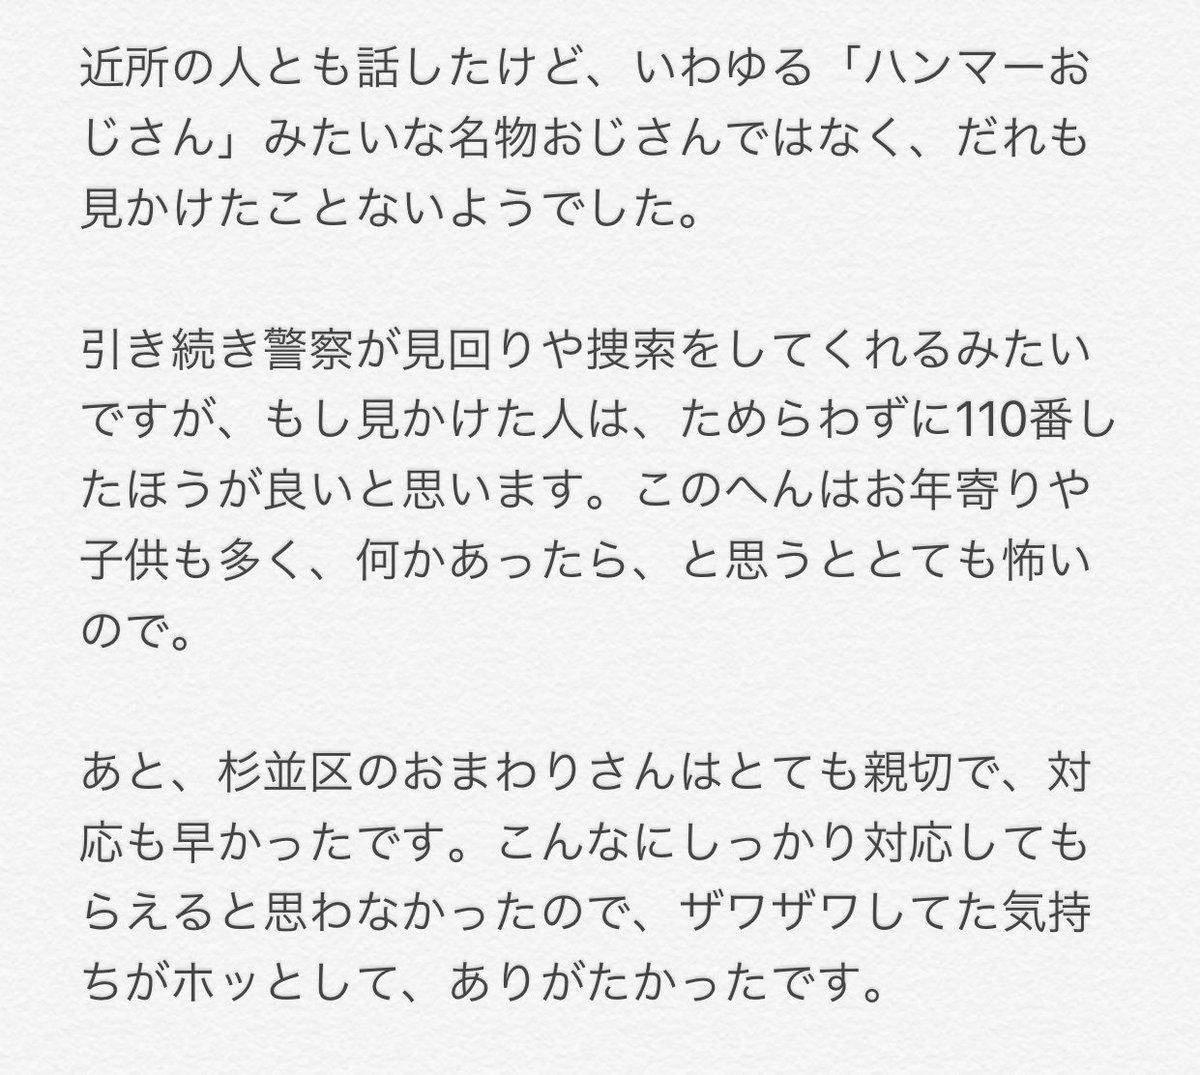 つるうちはな🚢メジャーデビューアルバム「サルベージ」10/23発売🚢さんの投稿画像